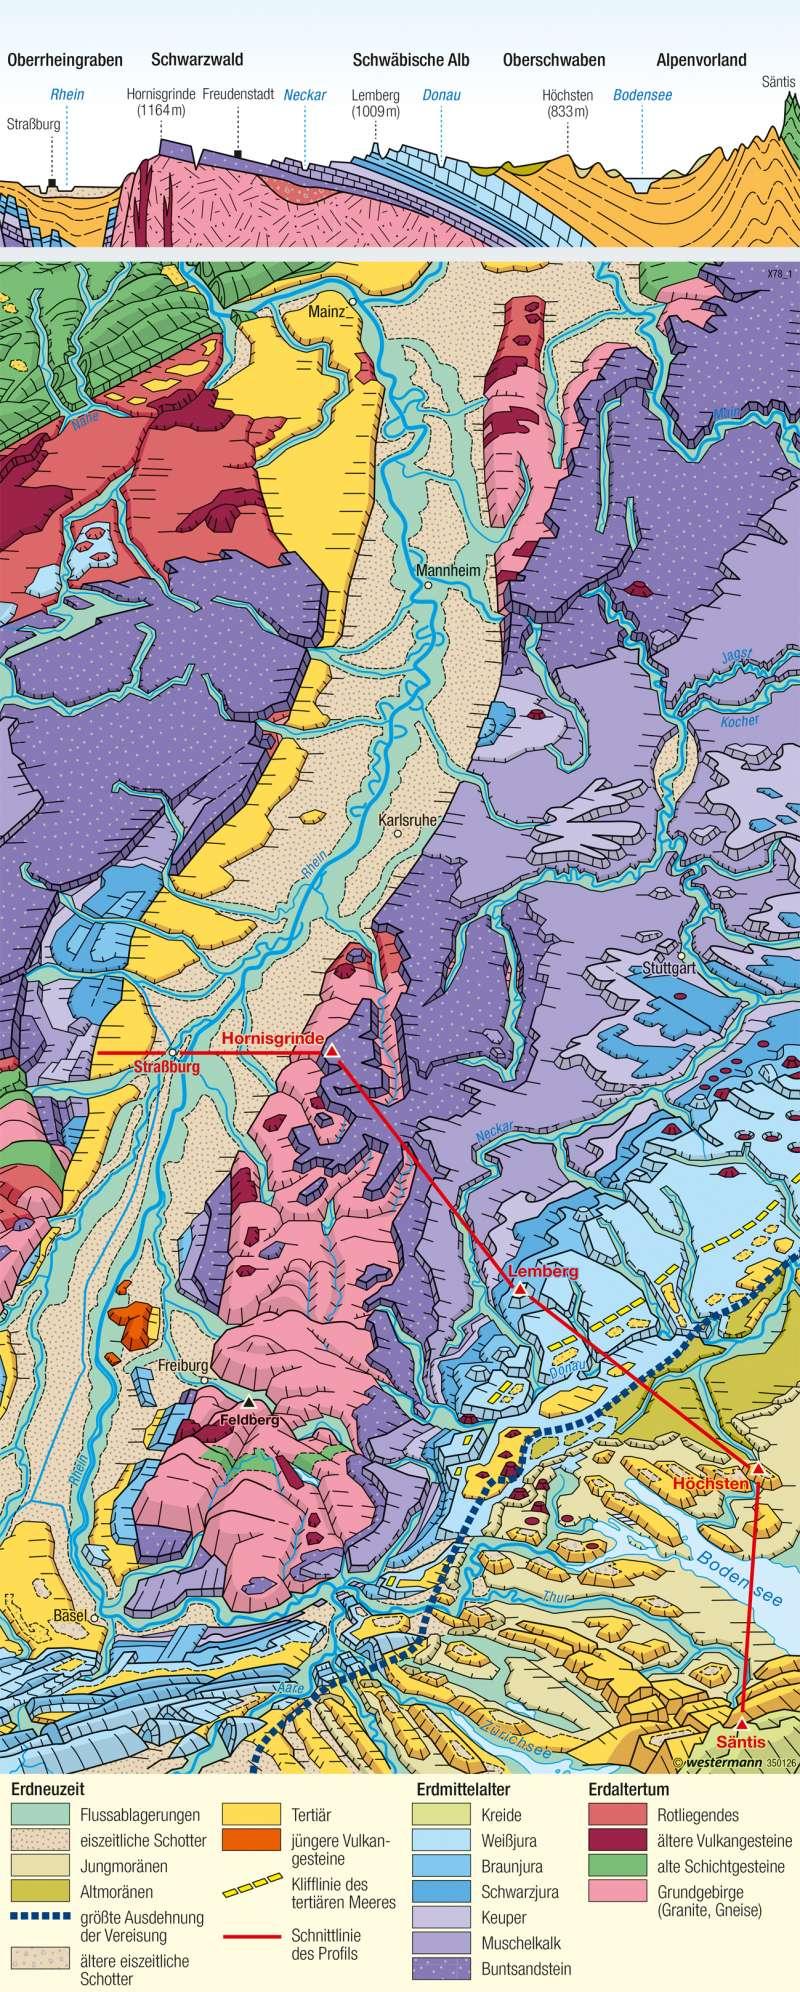 Oberrheingraben und Schichtstufenland | Landschaftsbild | Deutschland - Naturraum | Karte 53/2